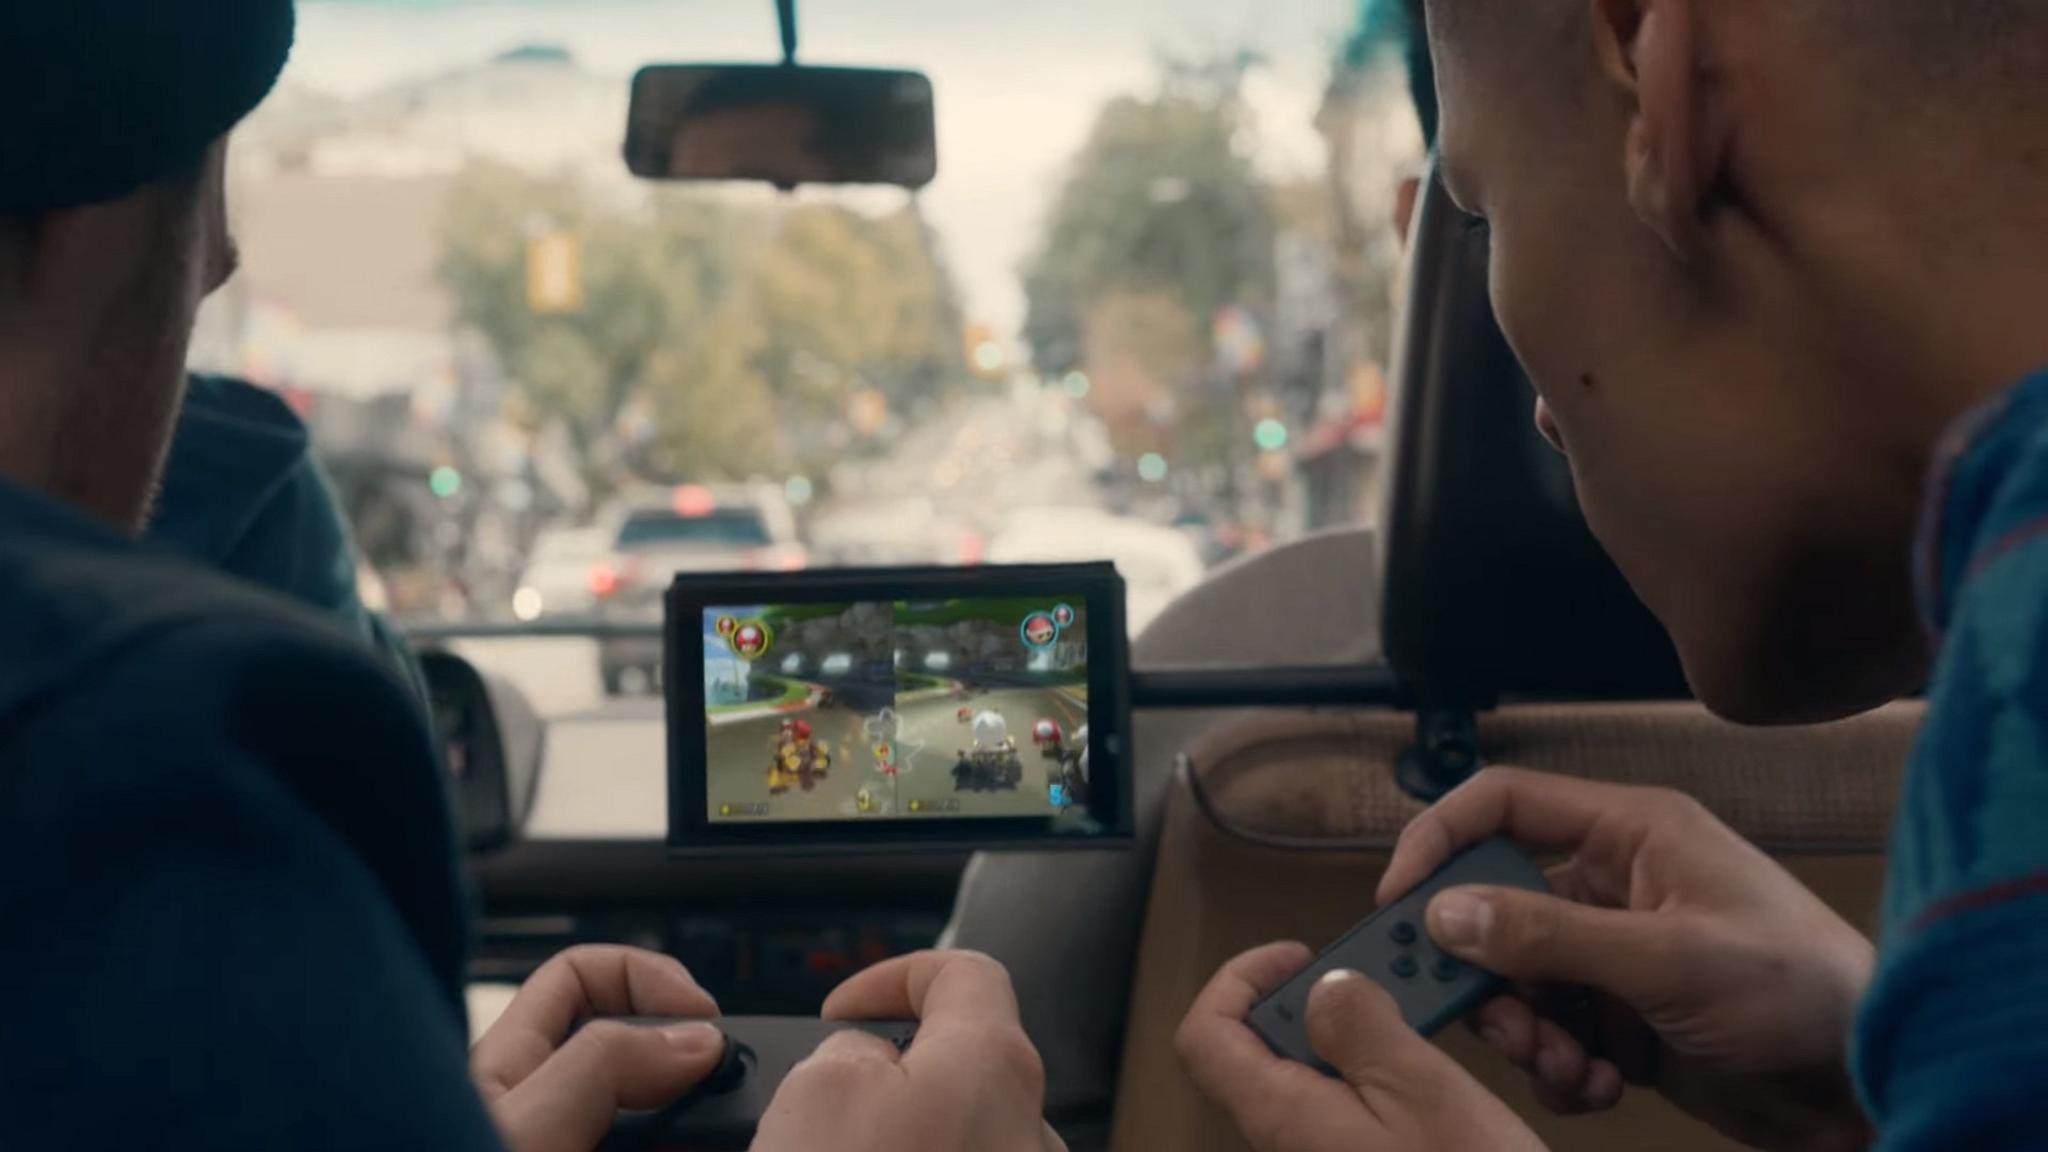 Ist die Nintendo Switch unterwegs nur halb so stark?